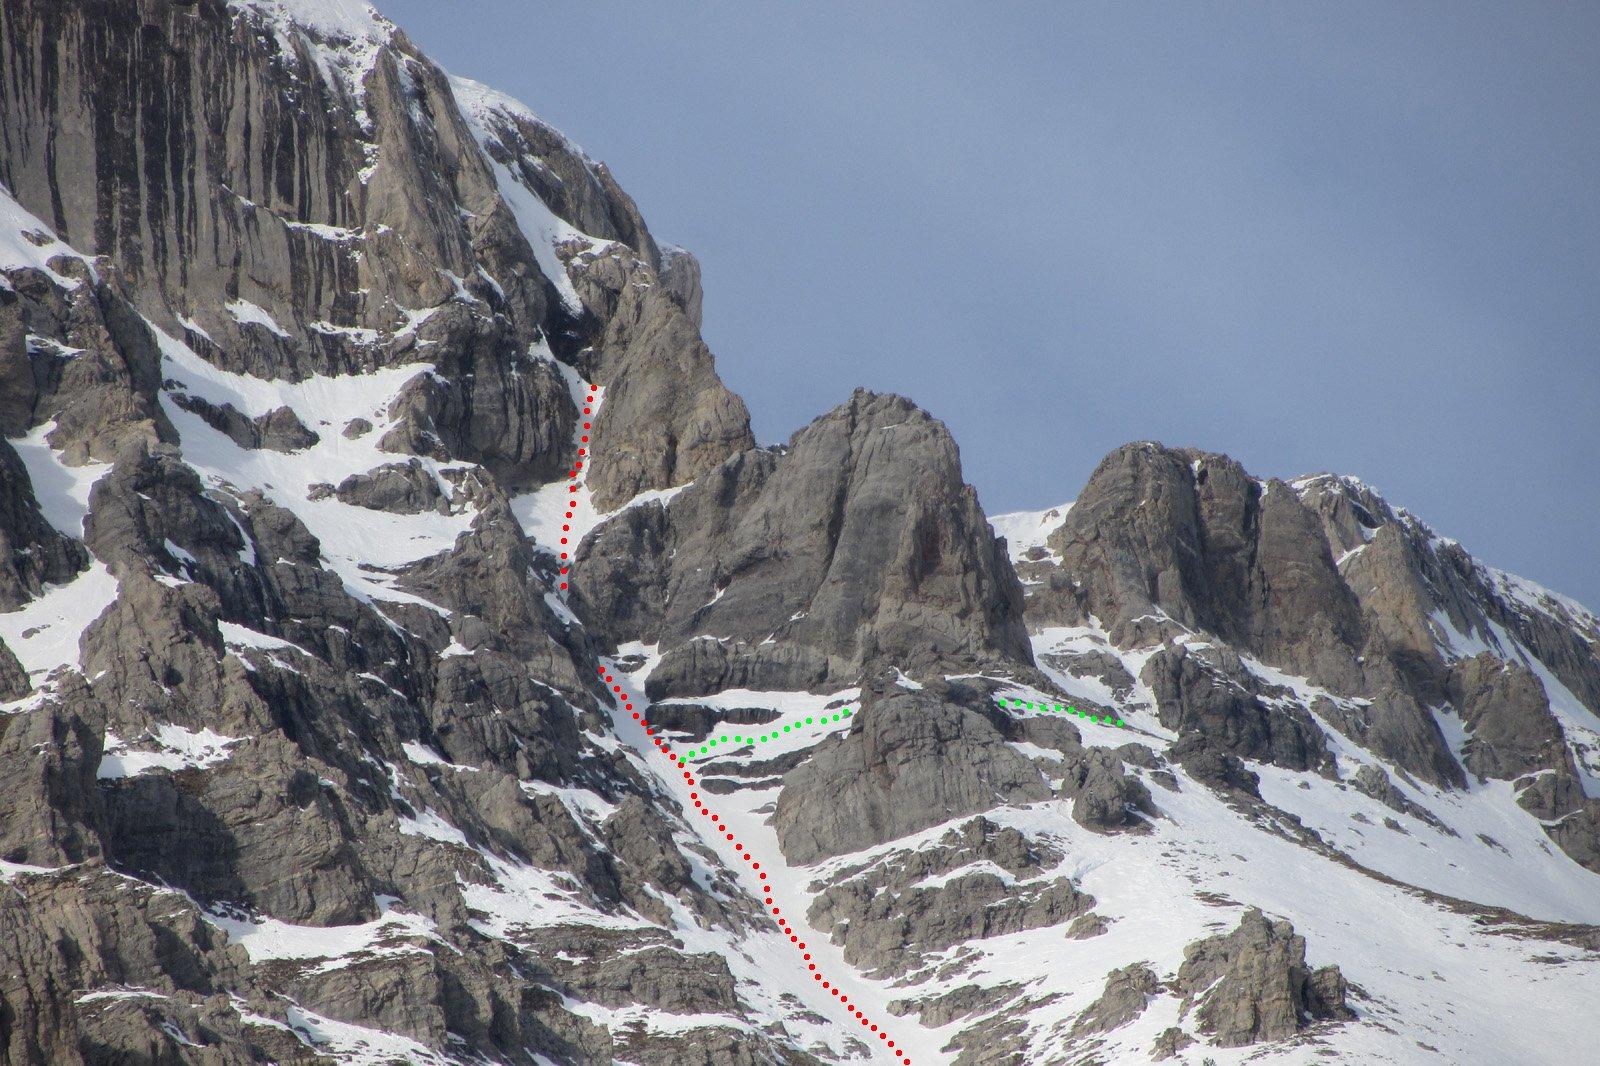 in rosso il canale completo (il salto ghiacciato è nascosto), in verde la variante